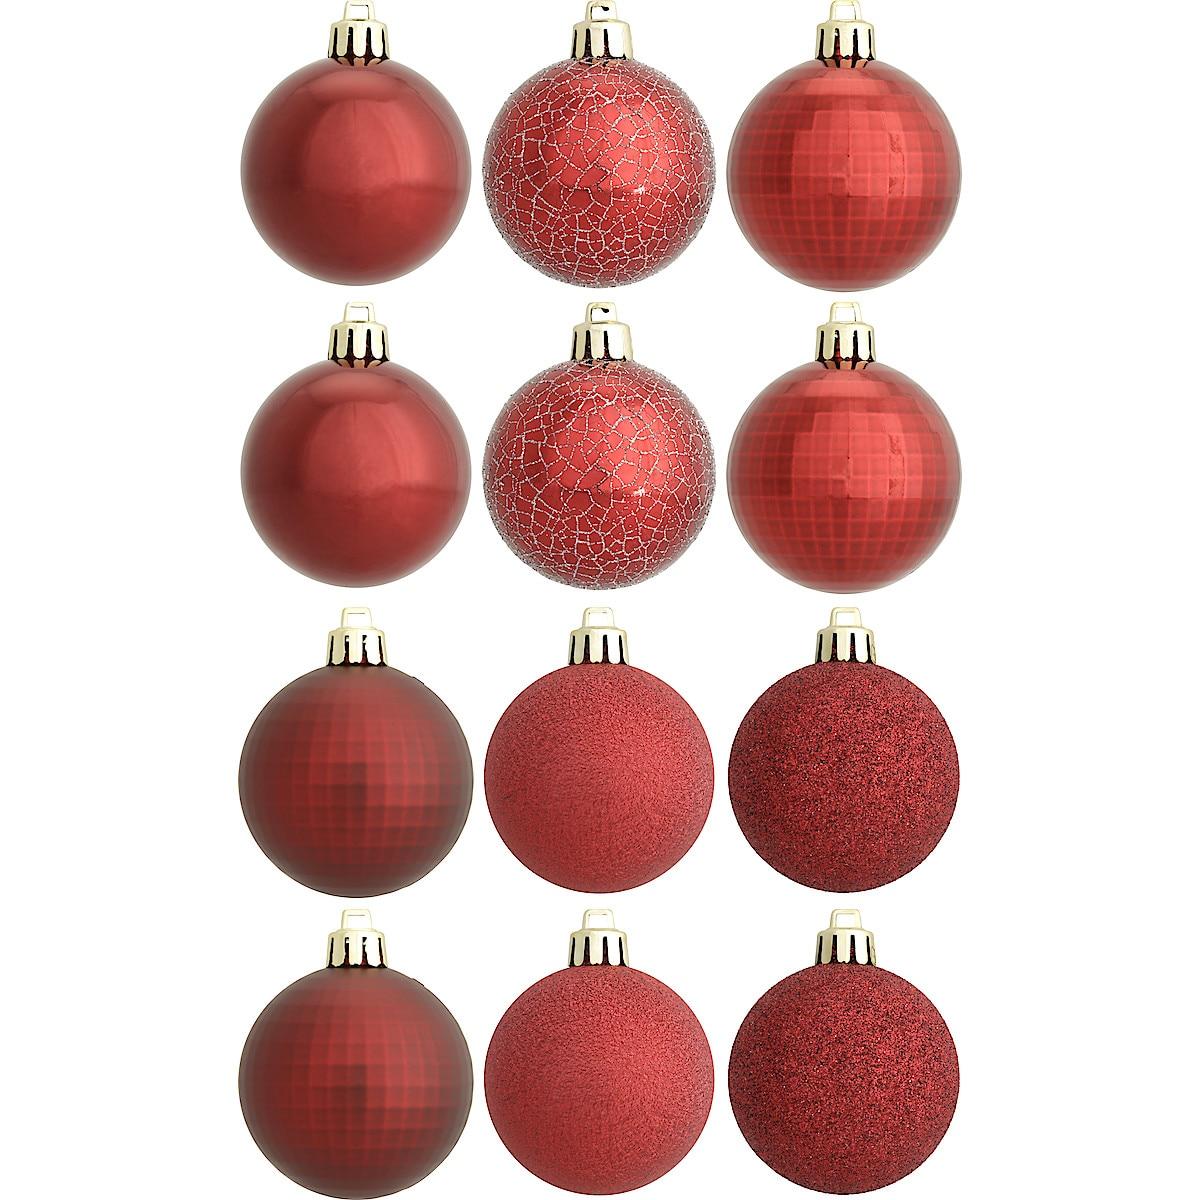 Juletrekuler 6 cm, 12-pack